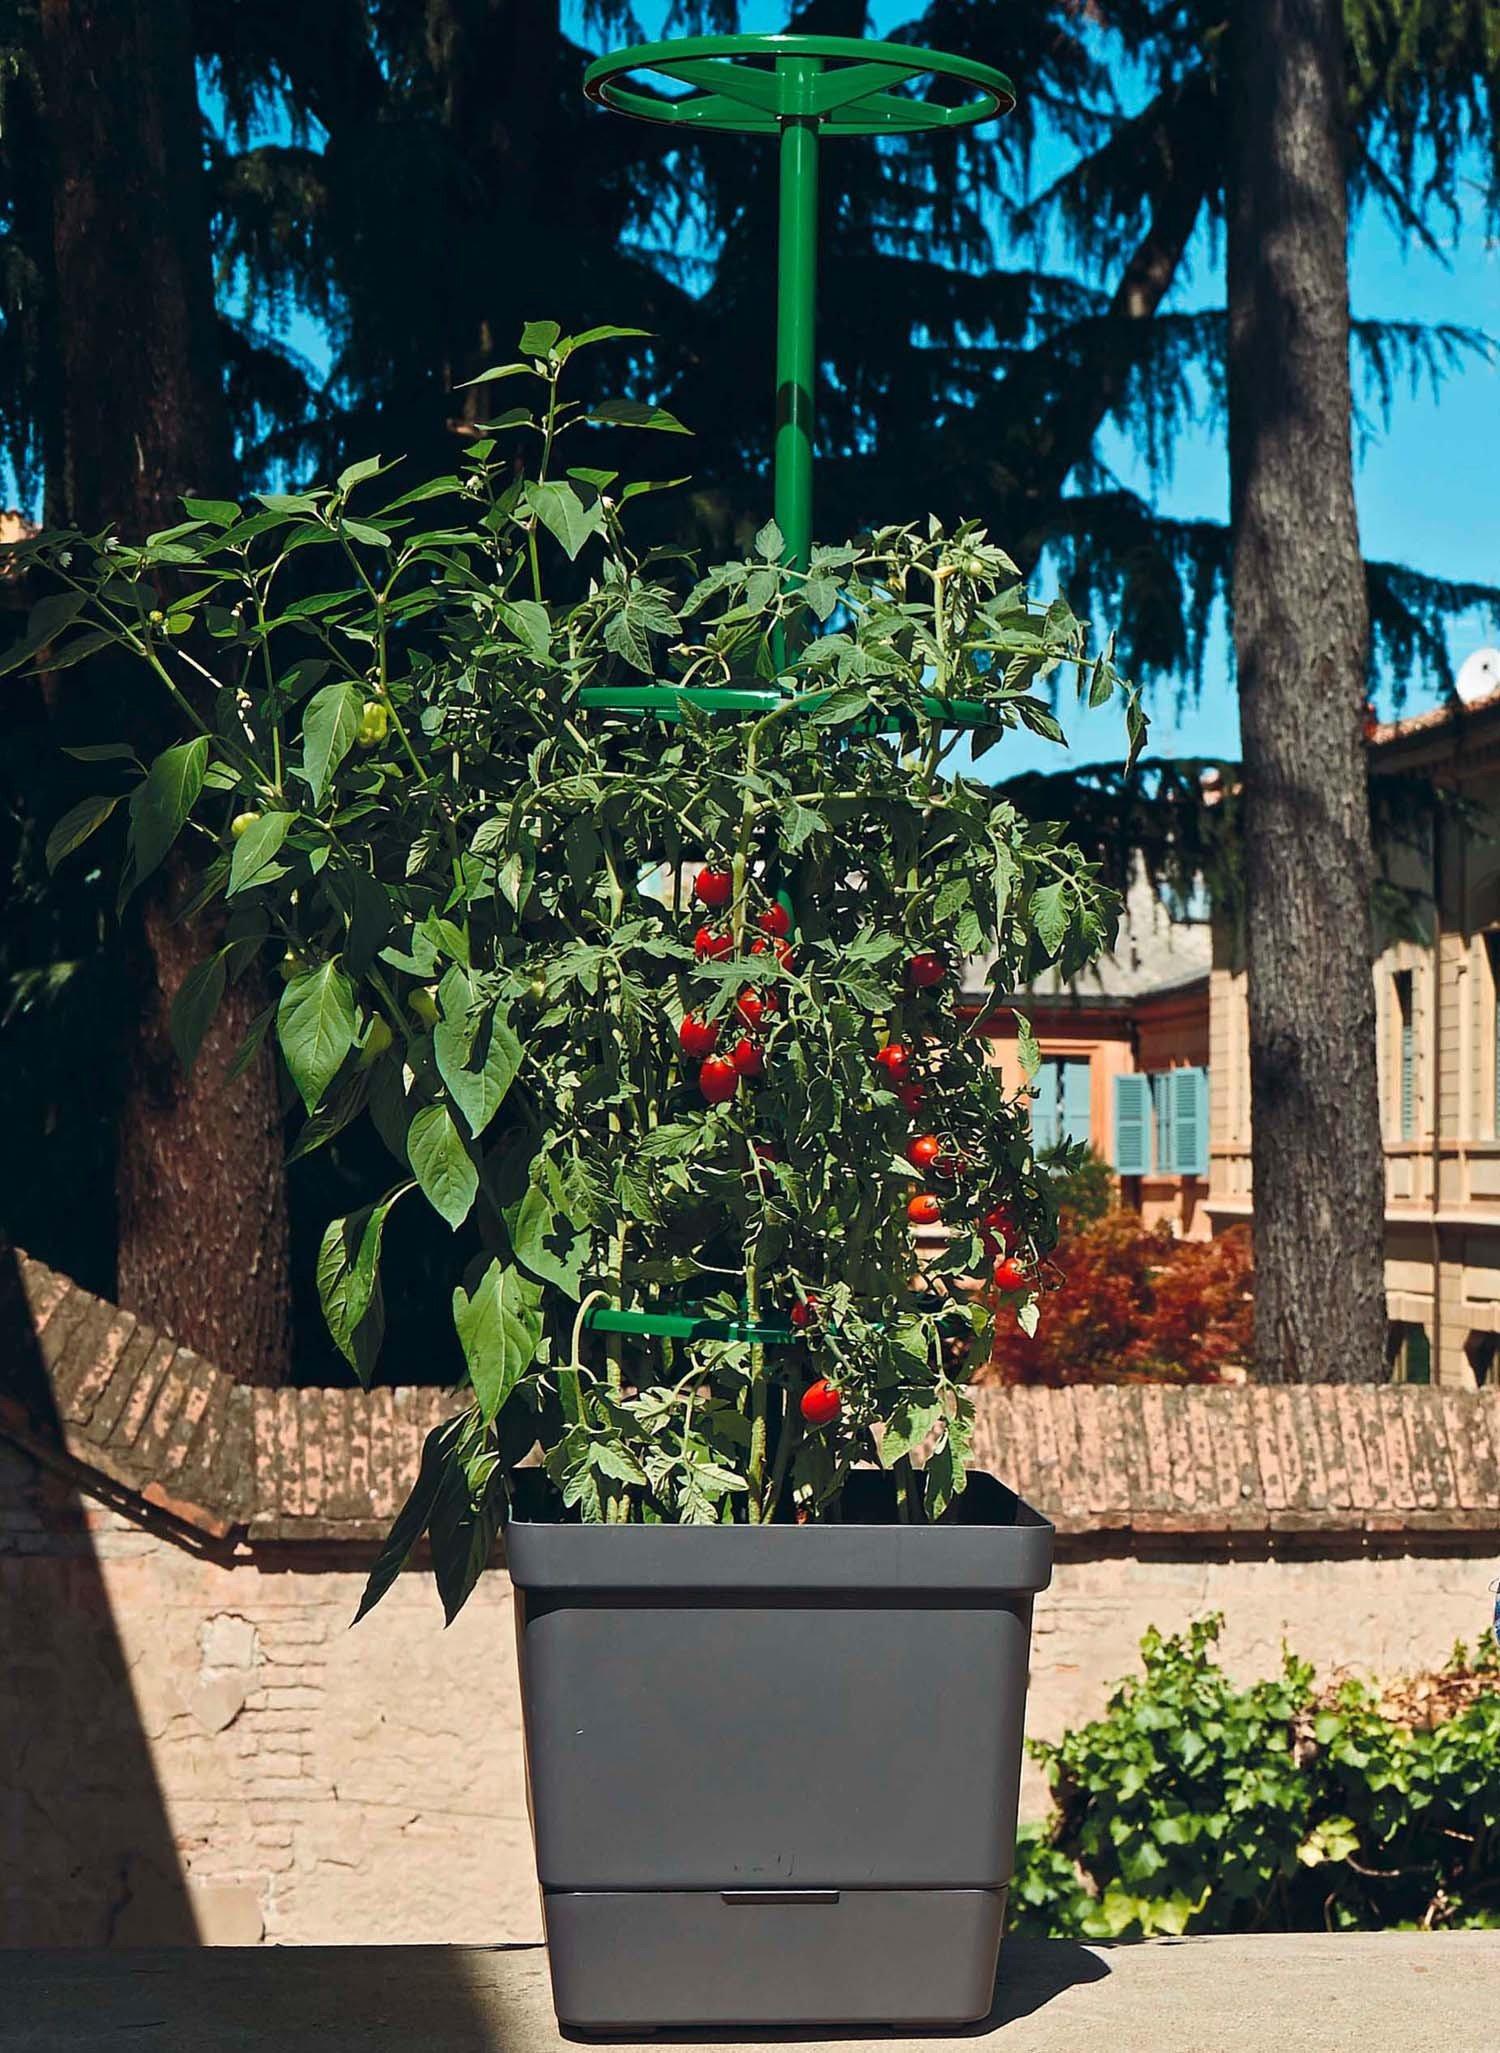 Kletterpflanzen 28x28cm H107cm